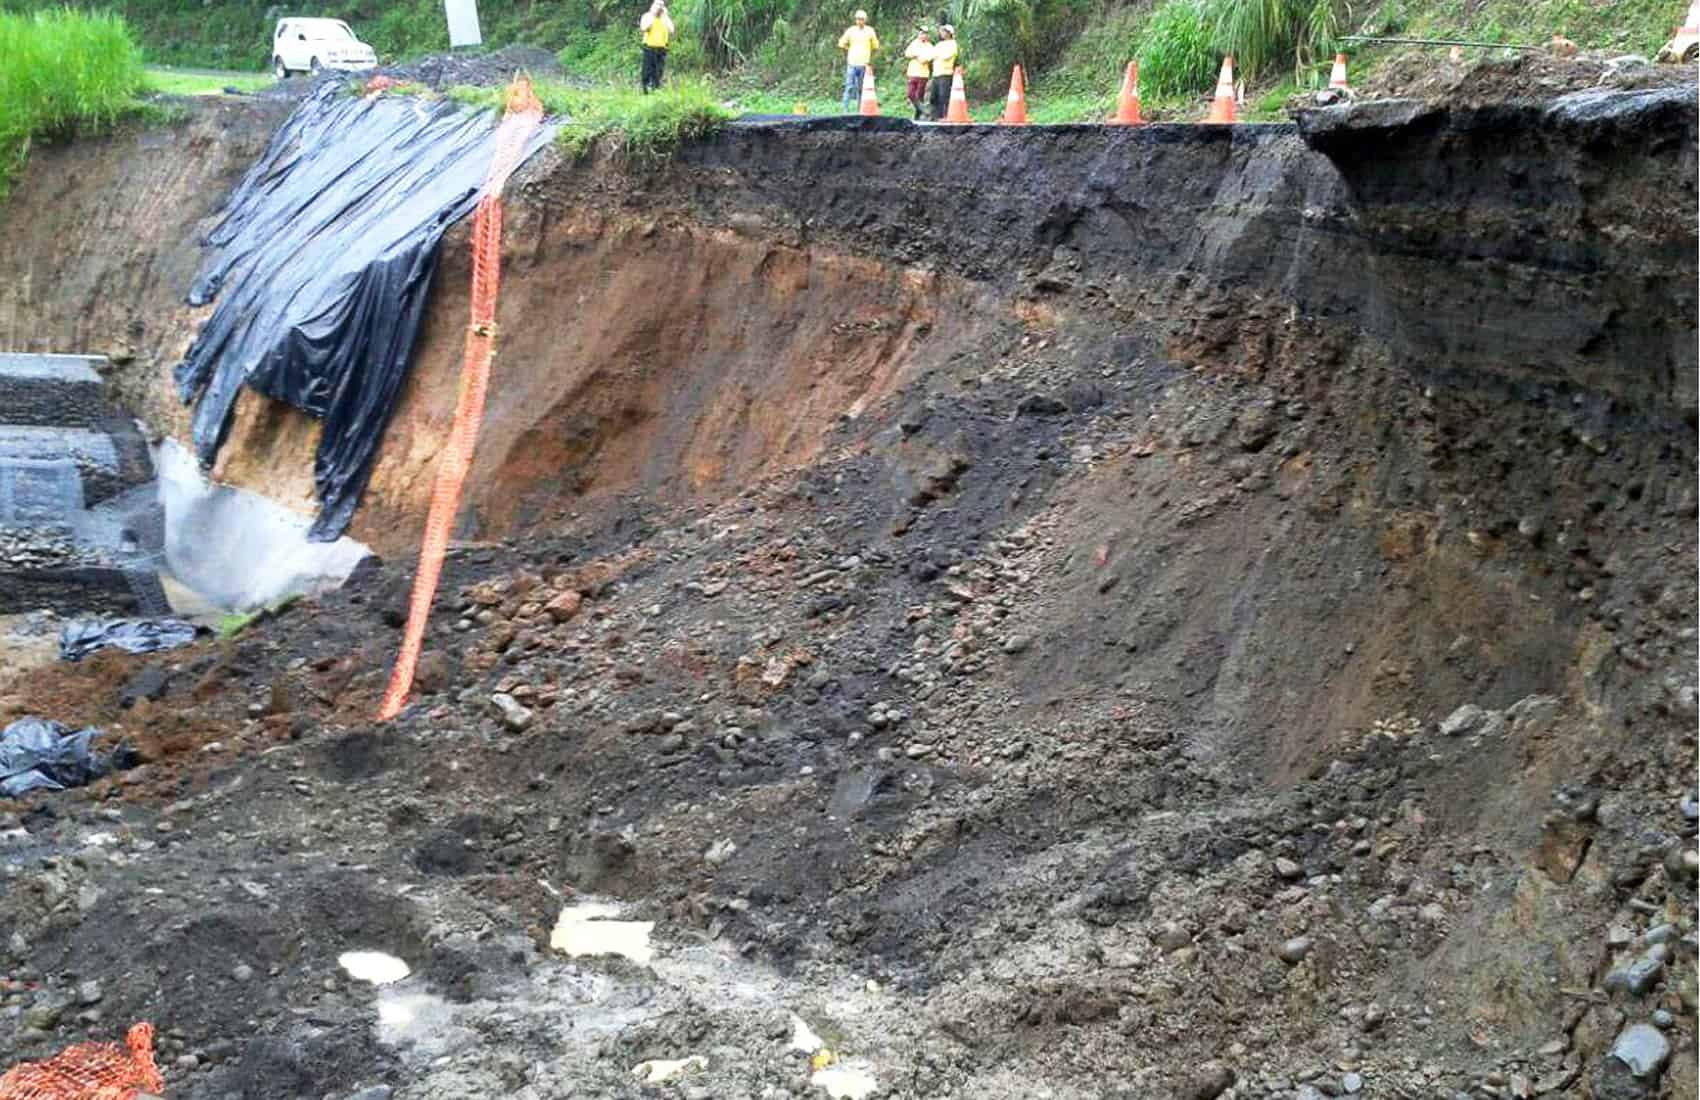 Landslide at Route 702, June 2015